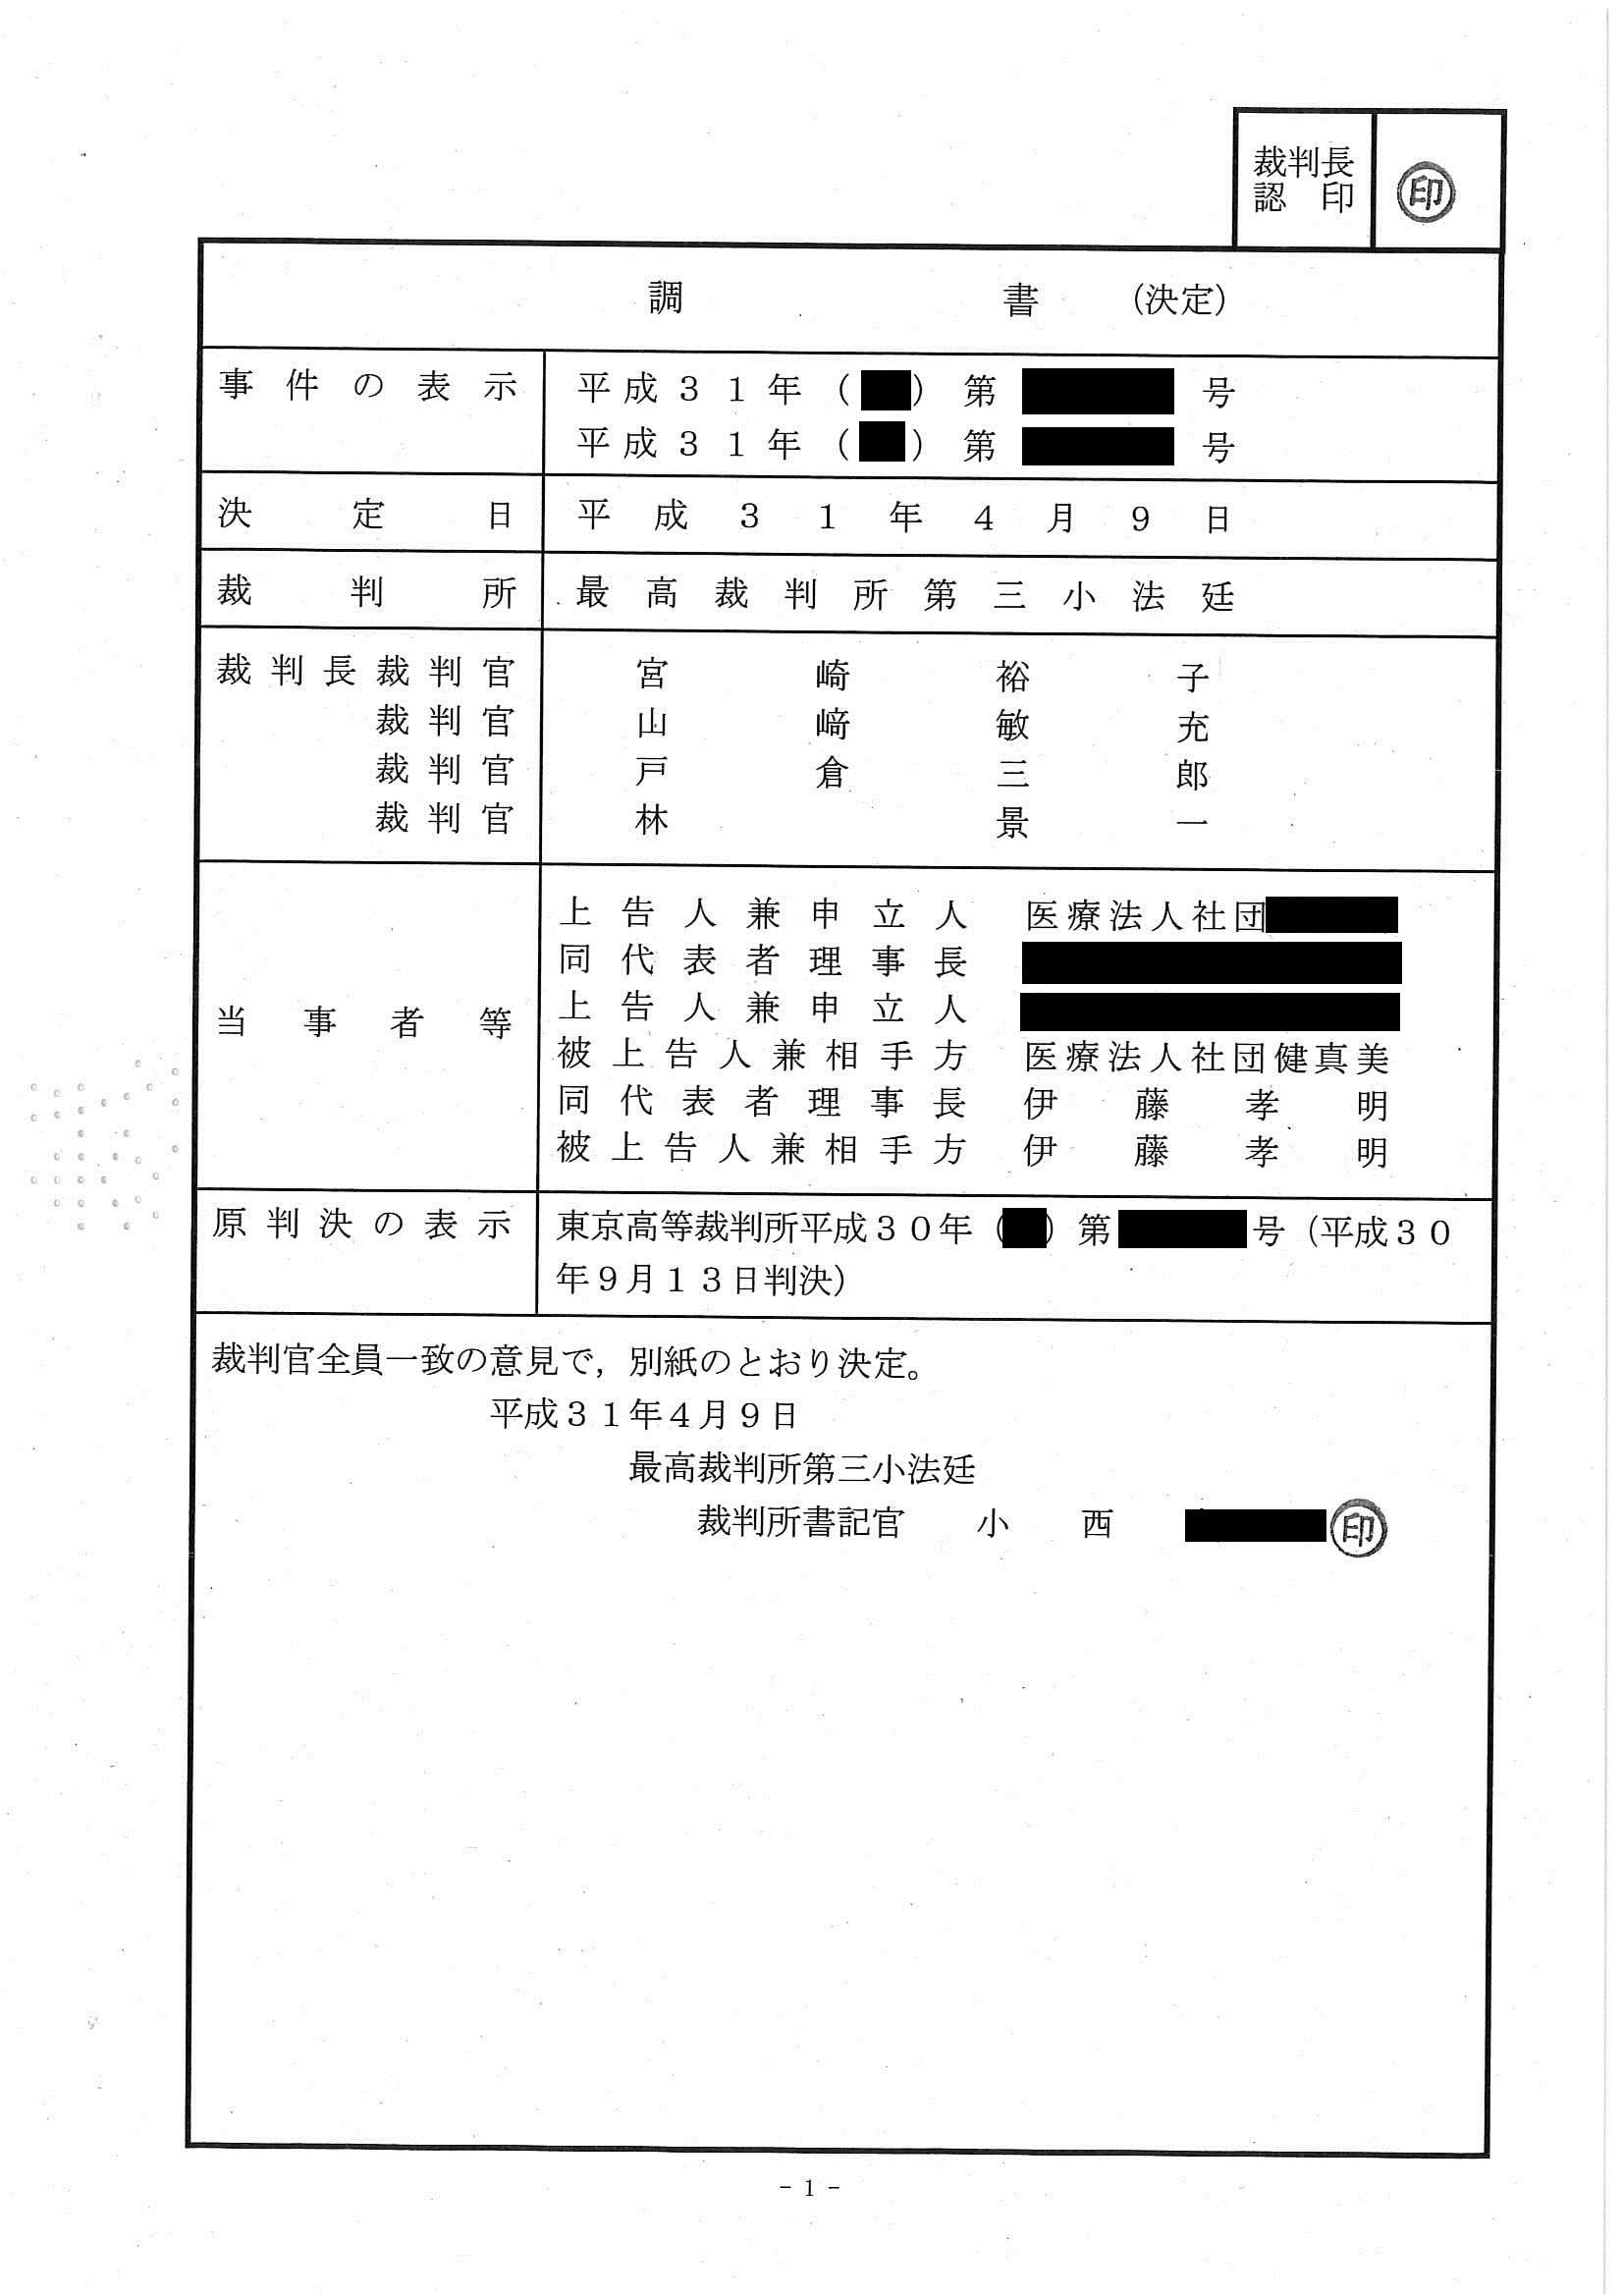 医療法人間 名誉棄損裁判 :  最高裁判所の判断_d0092965_04252859.jpg